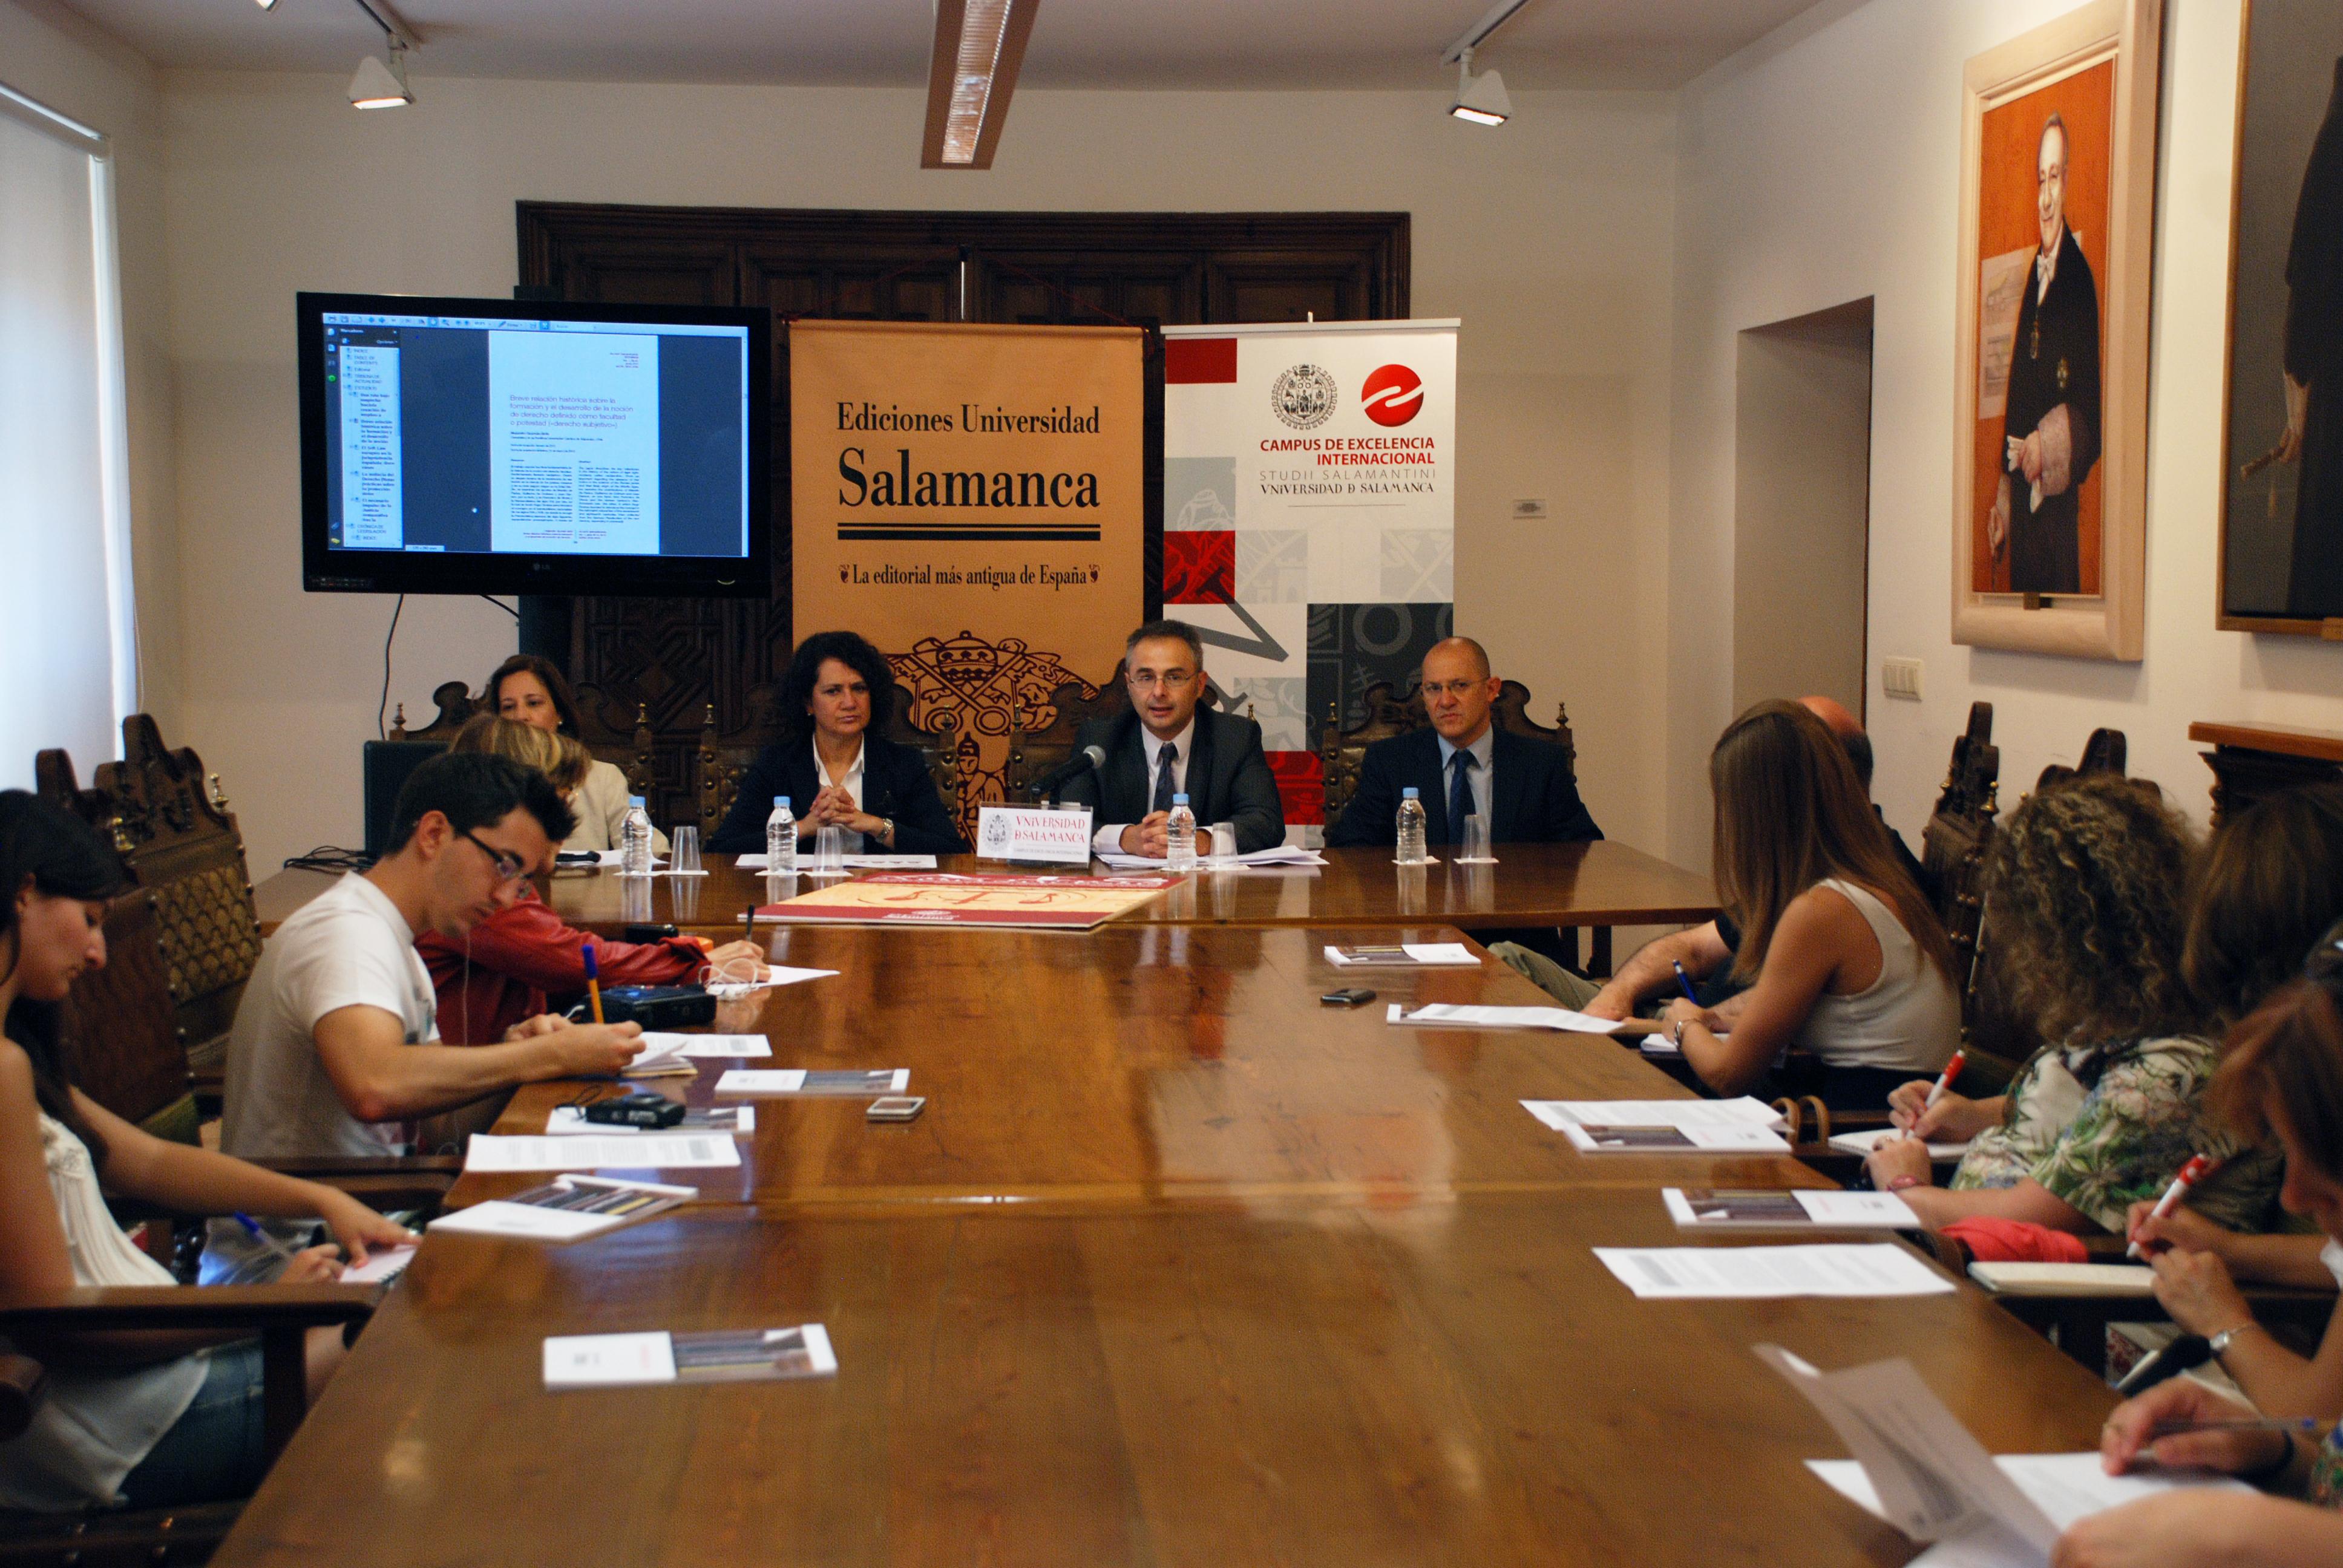 La Facultad de Derecho auspicia la revista 'Ars Iuris Salmanticensis' sobre pensamiento y análisis de Derecho, Ciencia Política y Criminología